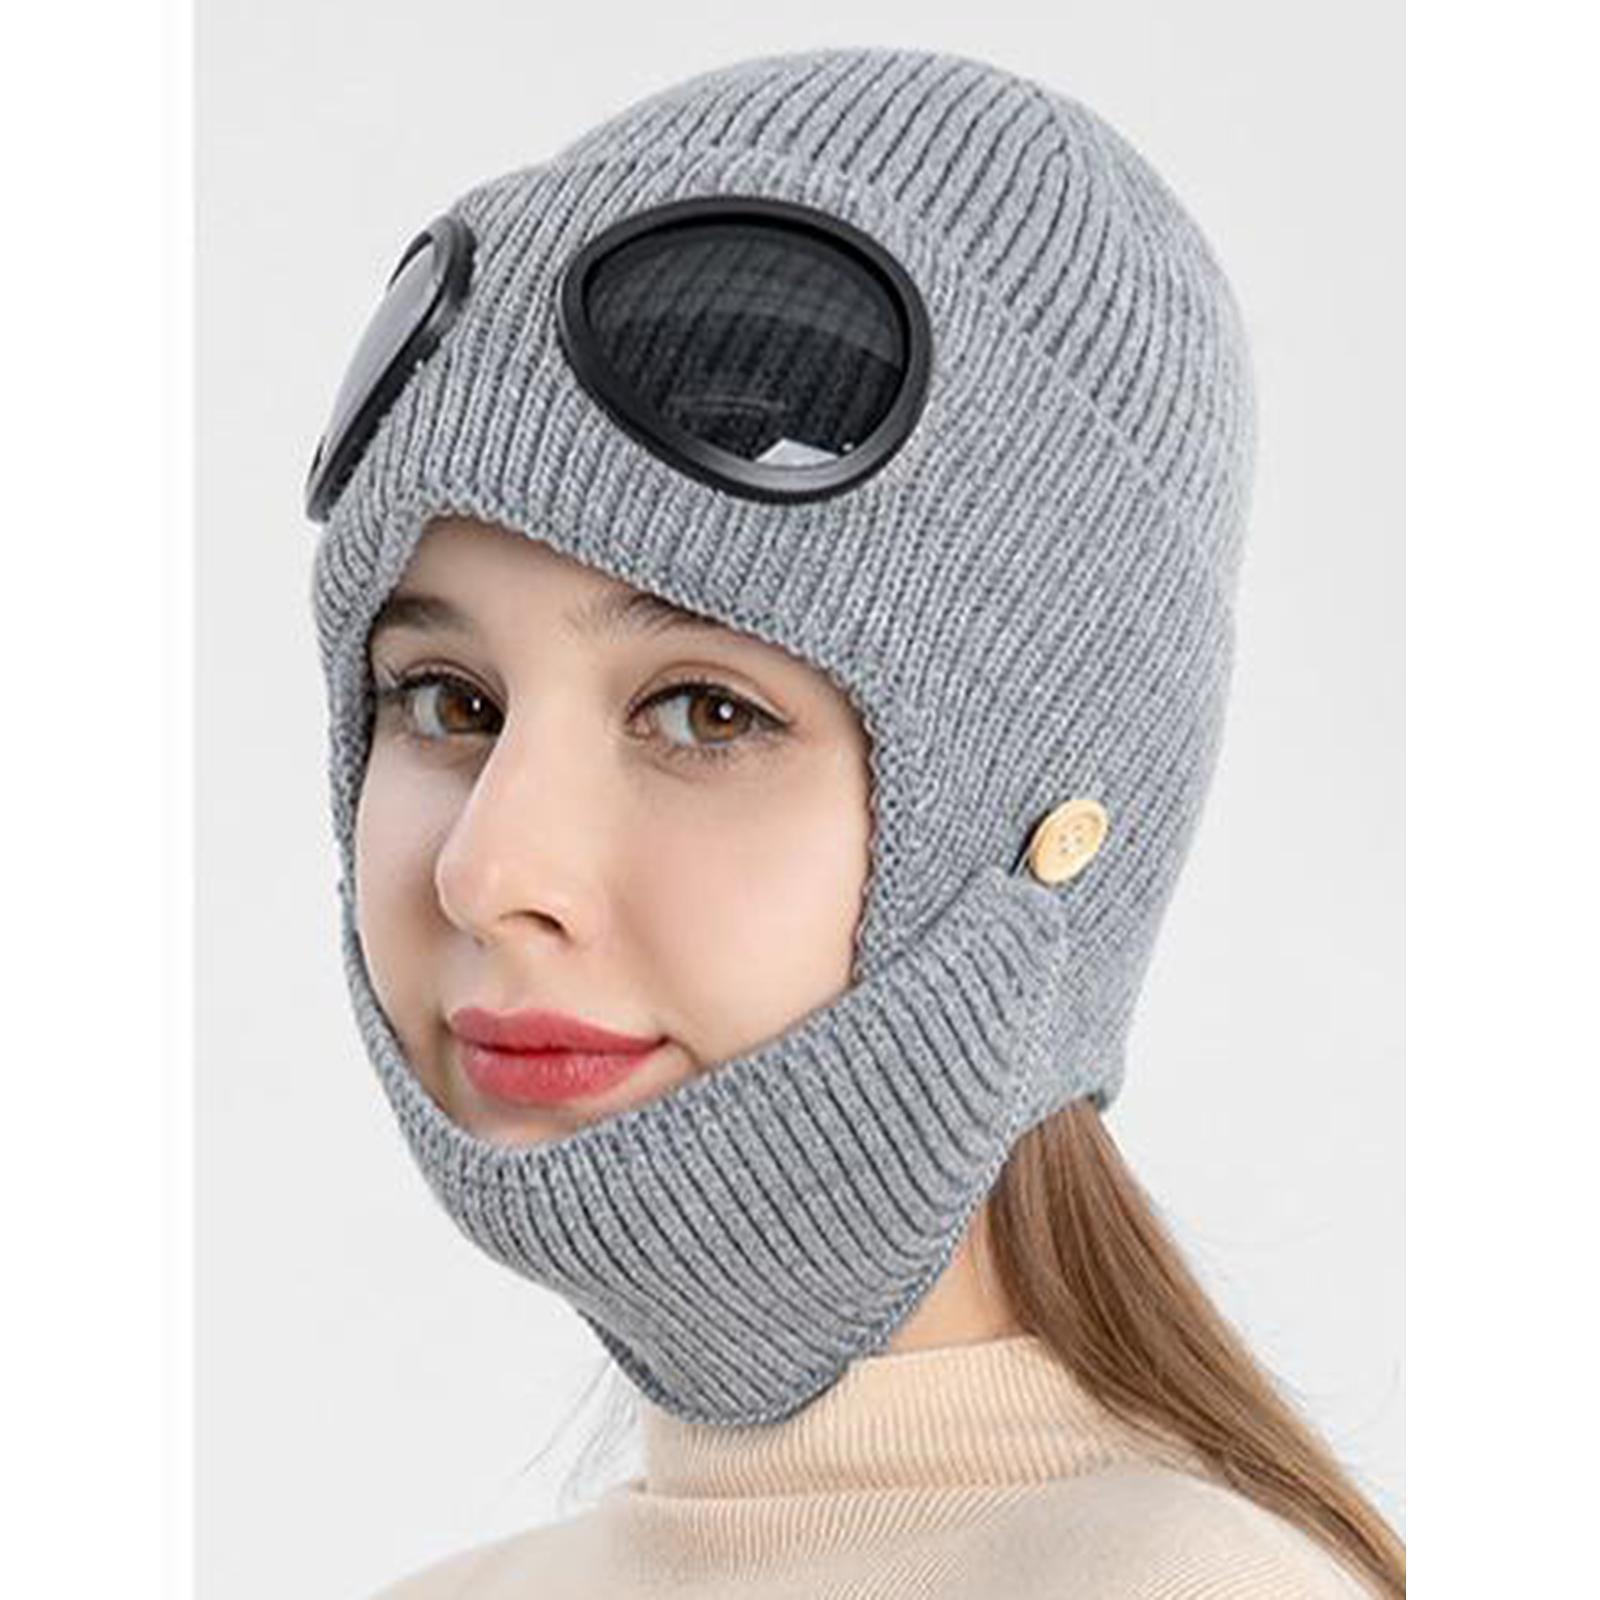 miniature 20 - Masque de tête de visage hiver bonnet chaud avec lunettes casquette d'oreille